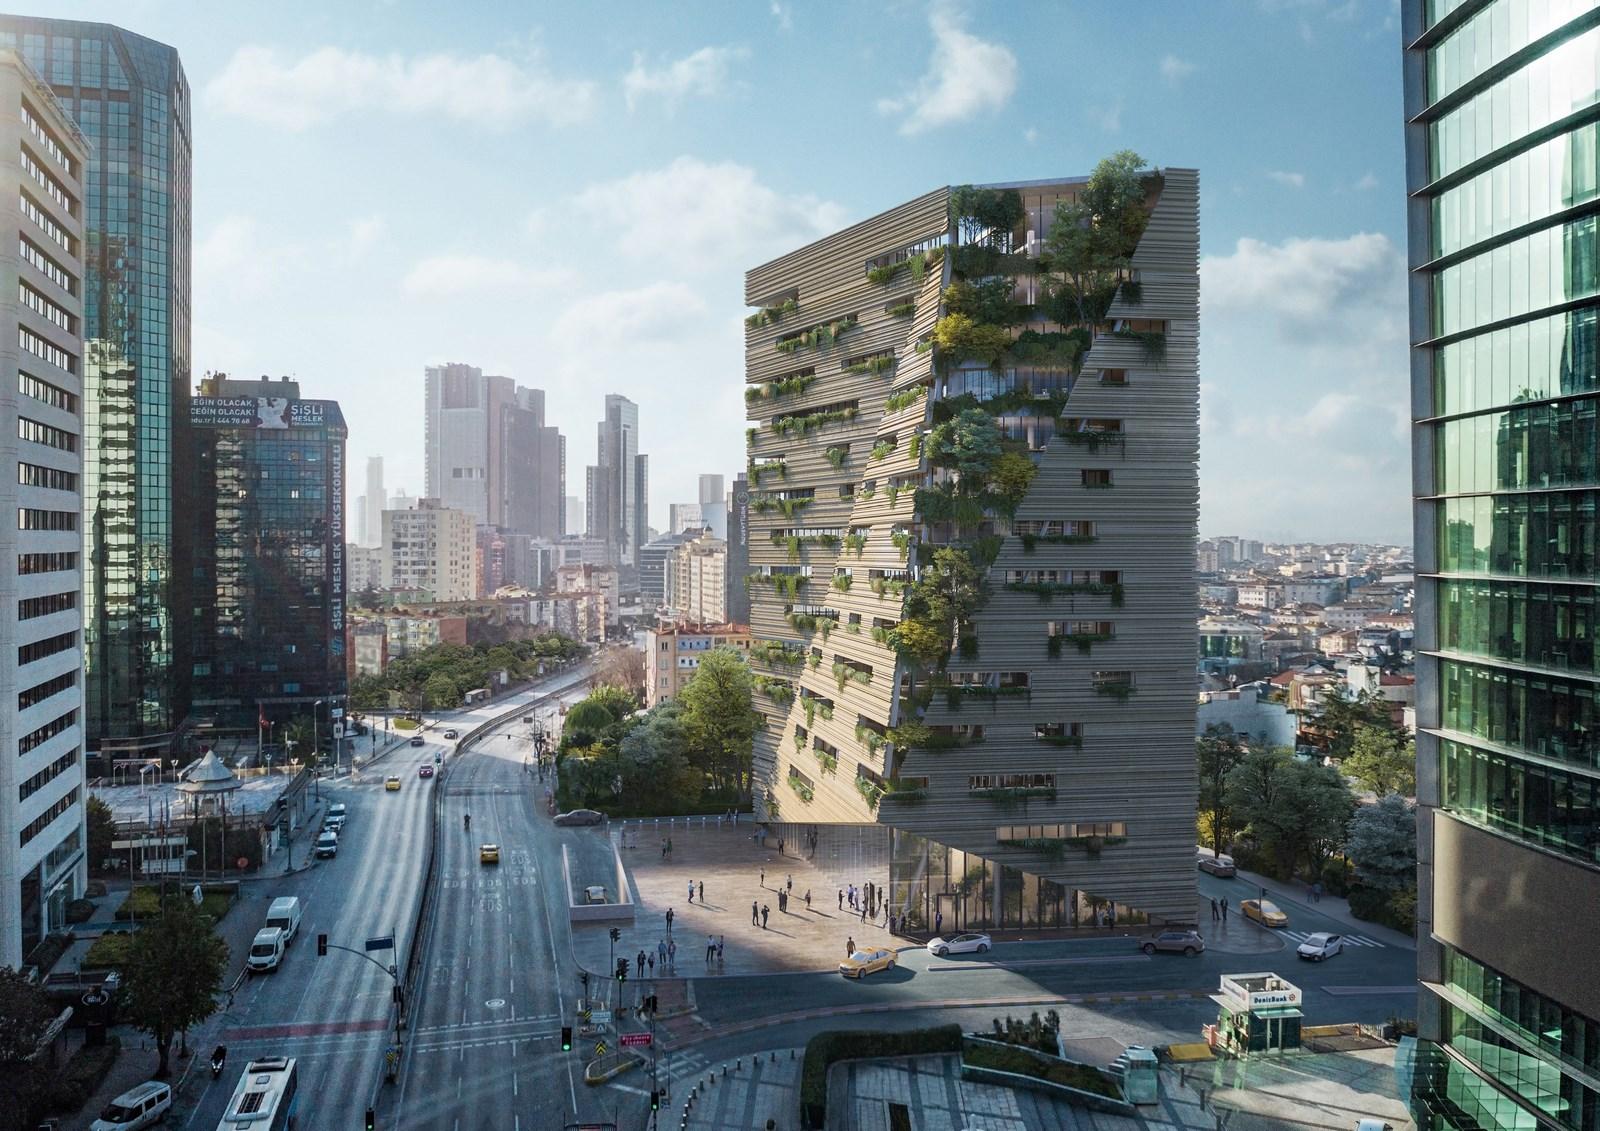 RMJM Milano gana el concurso para diseñar la sede de Sanko en Estambul, Turquía 4